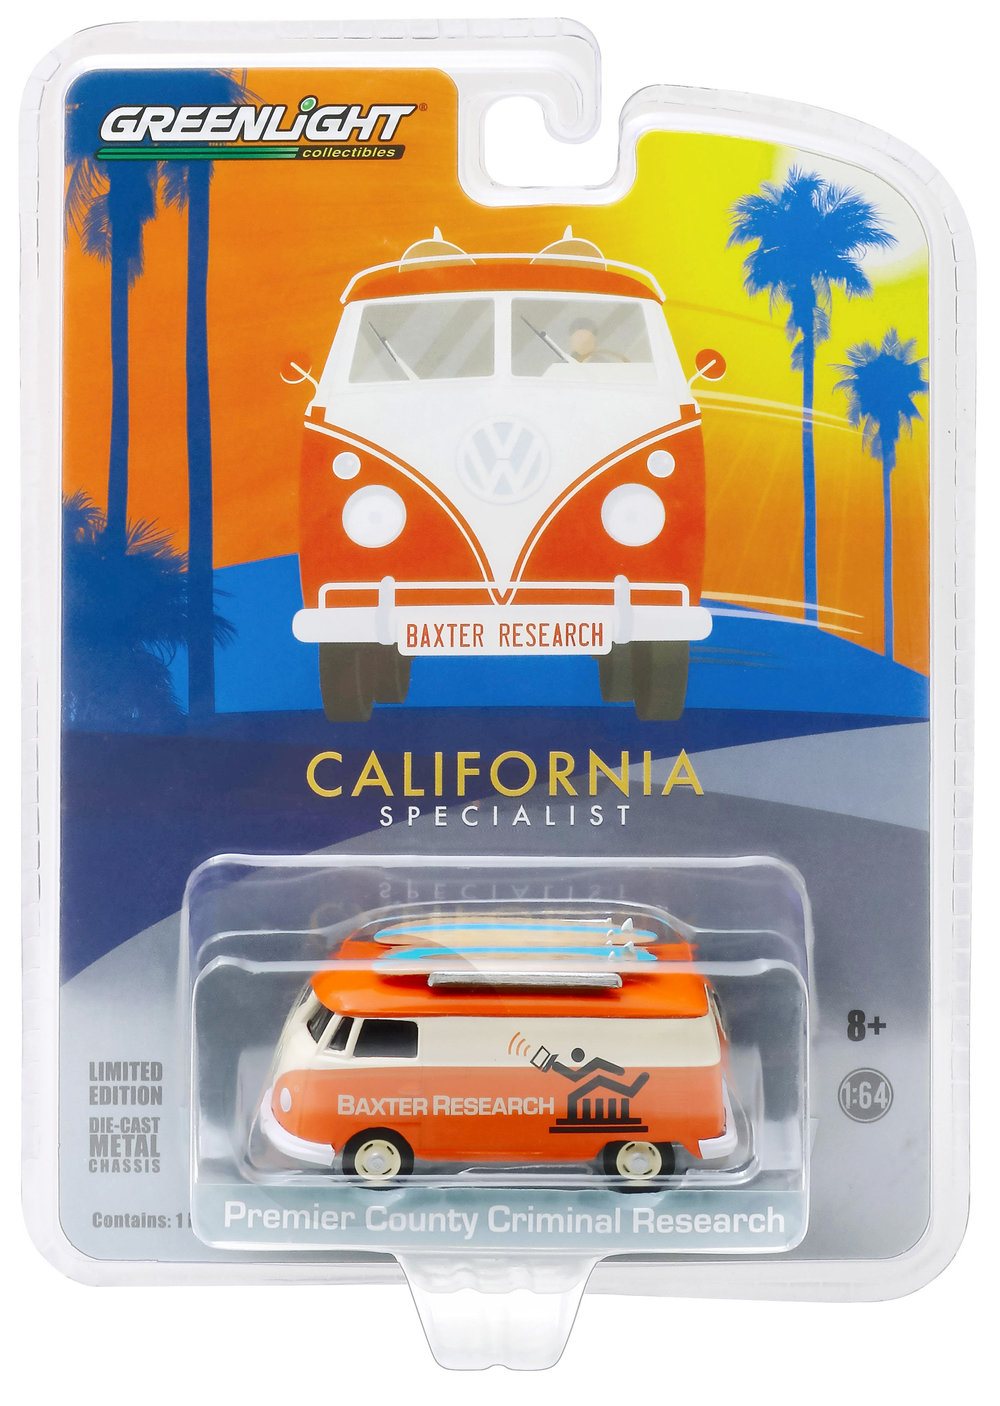 Baxter-VW-van-toy-and-packaging.jpg